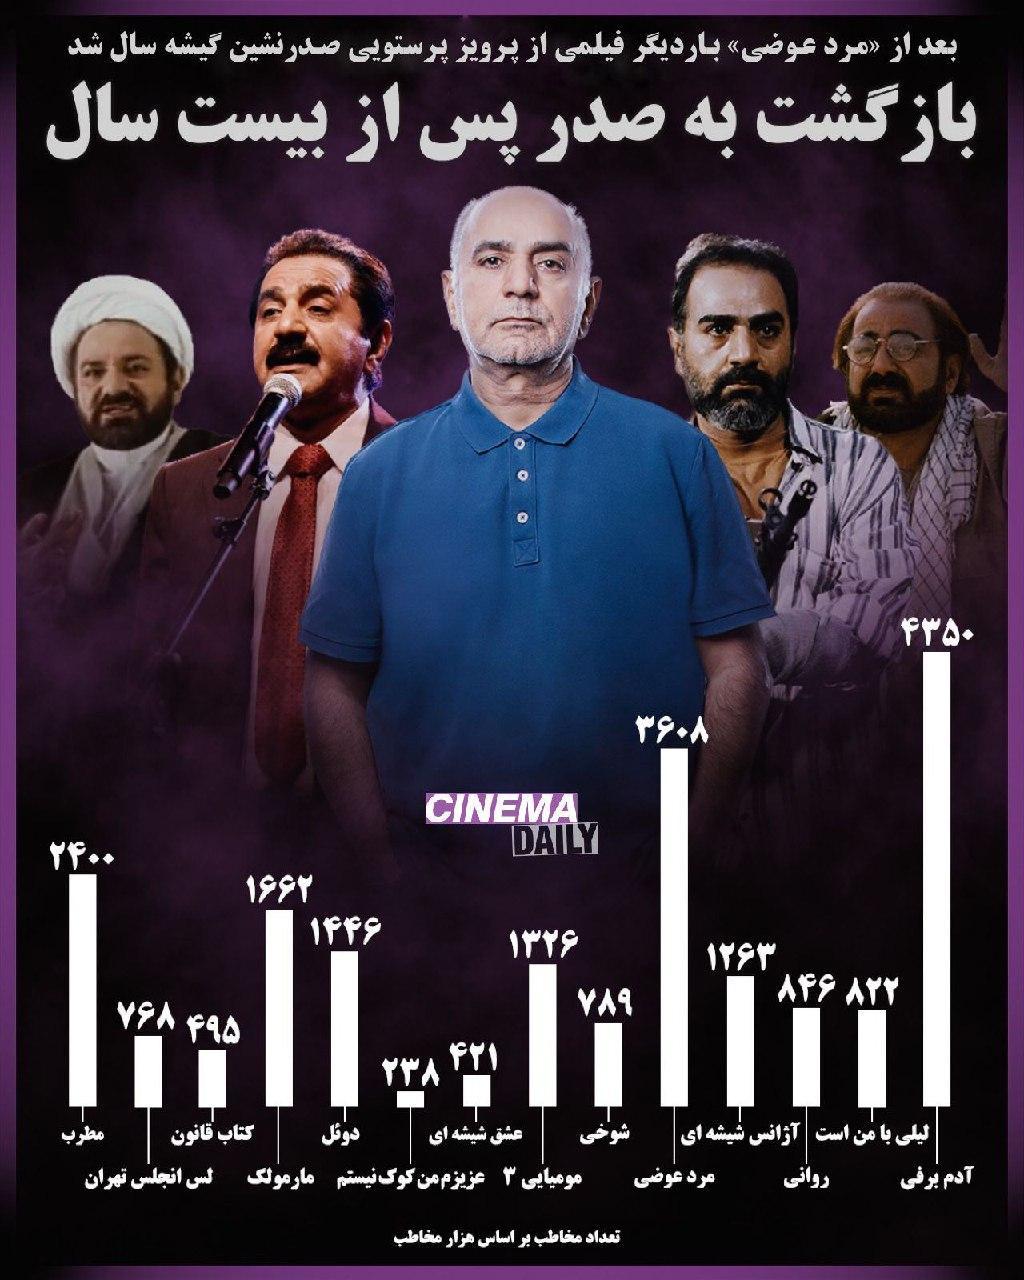 بعد از مرد عوضی بار دیگر فیلمی با بازی پرویز پرستویی